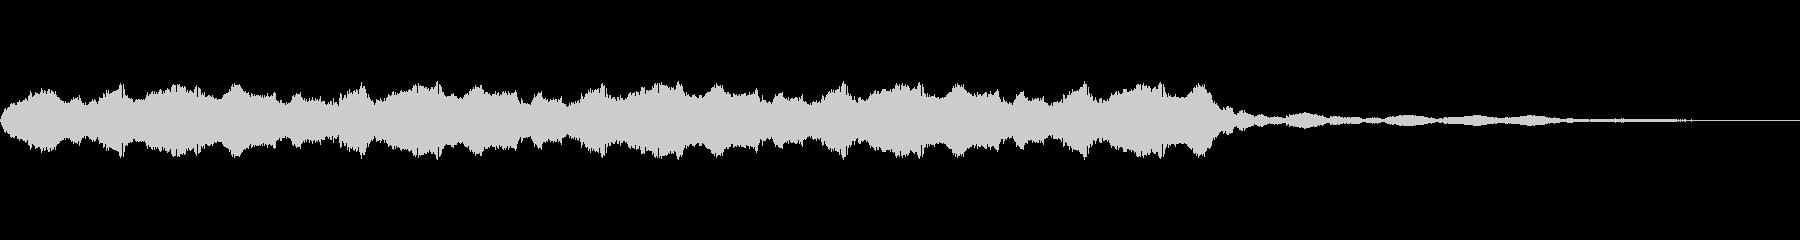 低ドローン、安定したハム、ブザーの未再生の波形